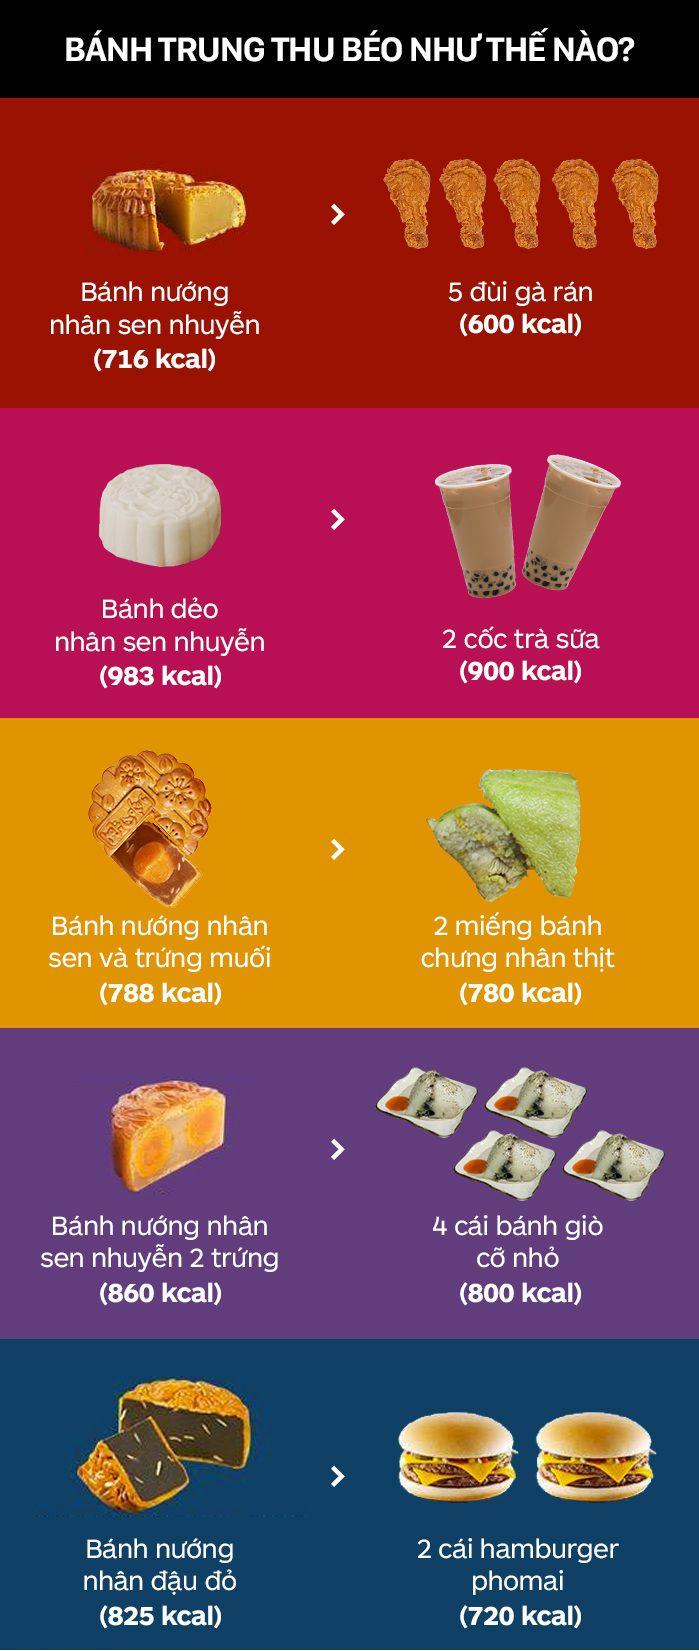 Bánh trung thu bao nhiêu calo? 2